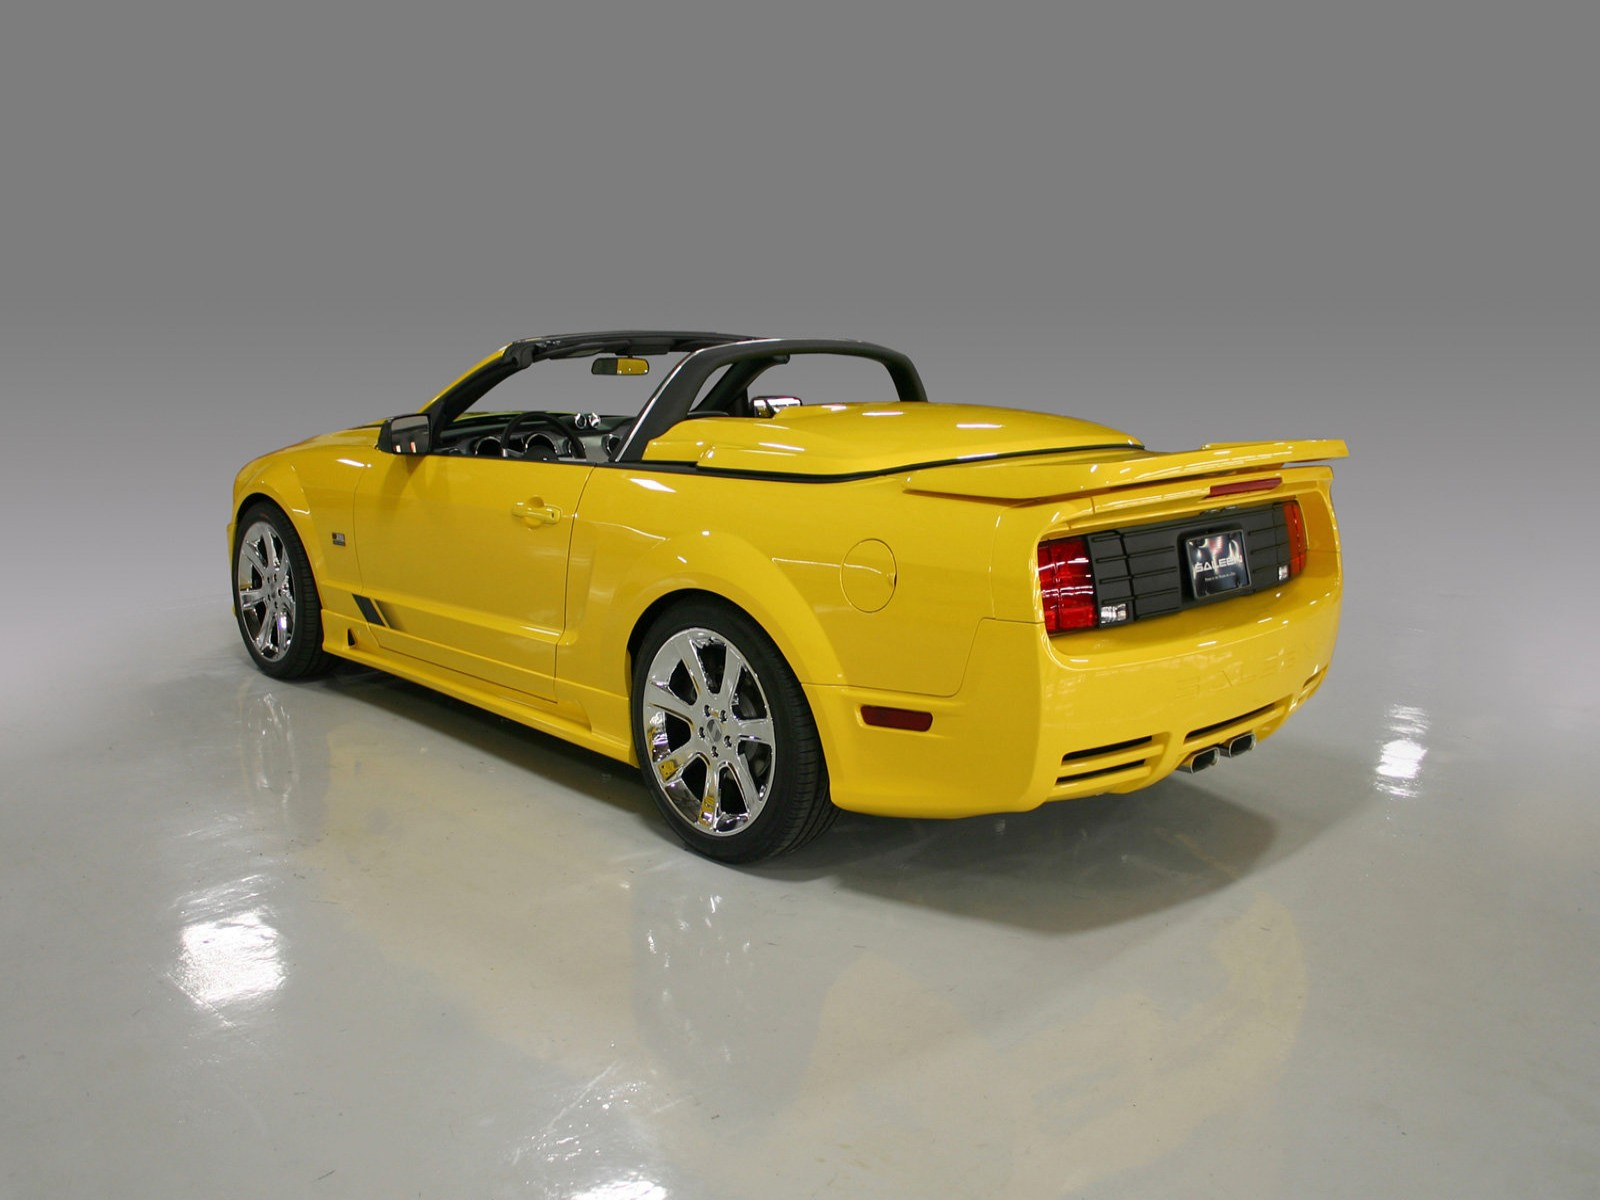 car pictures saleen ford mustang s281 speedster 2006. Black Bedroom Furniture Sets. Home Design Ideas